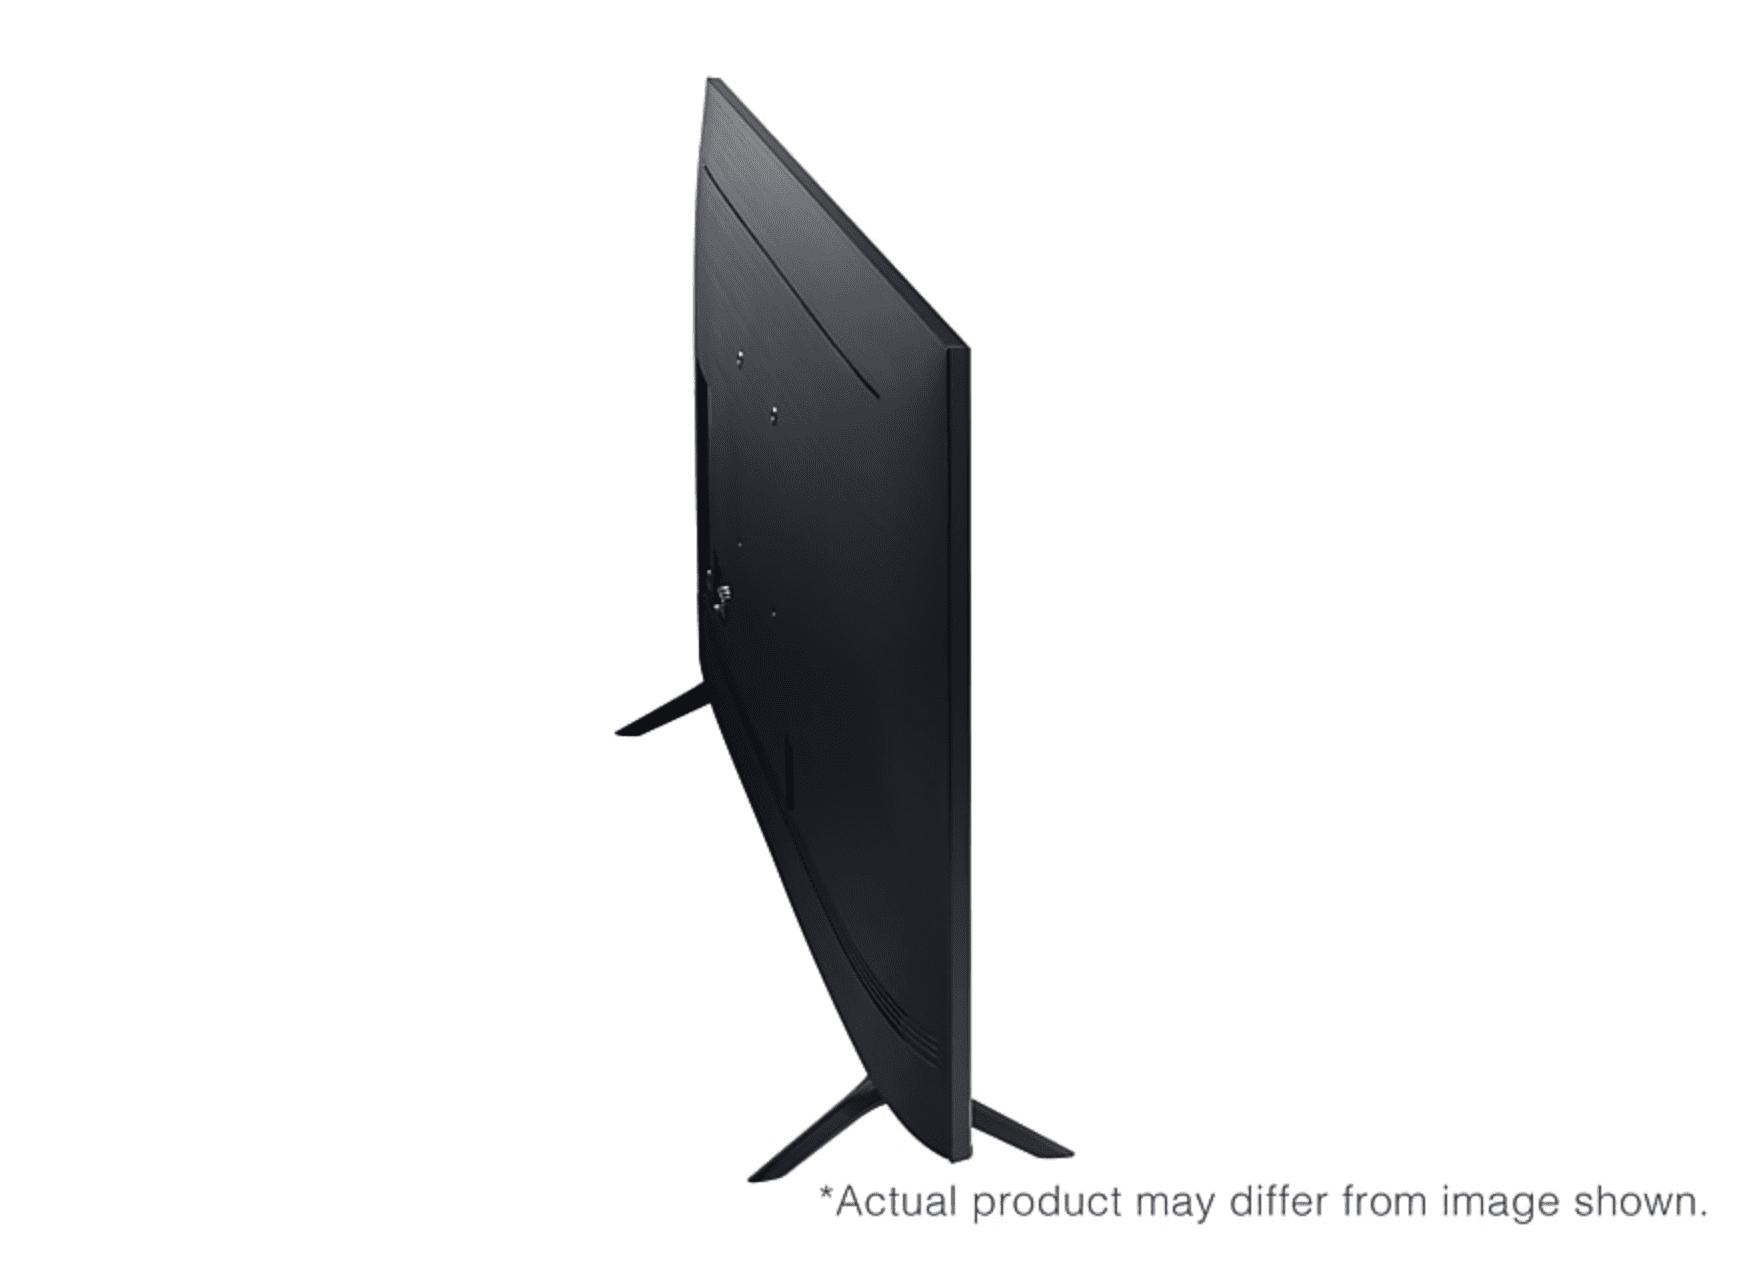 """Detalle de la TV Samsung UE43TU8005 43"""" Crystal UHD 4K"""